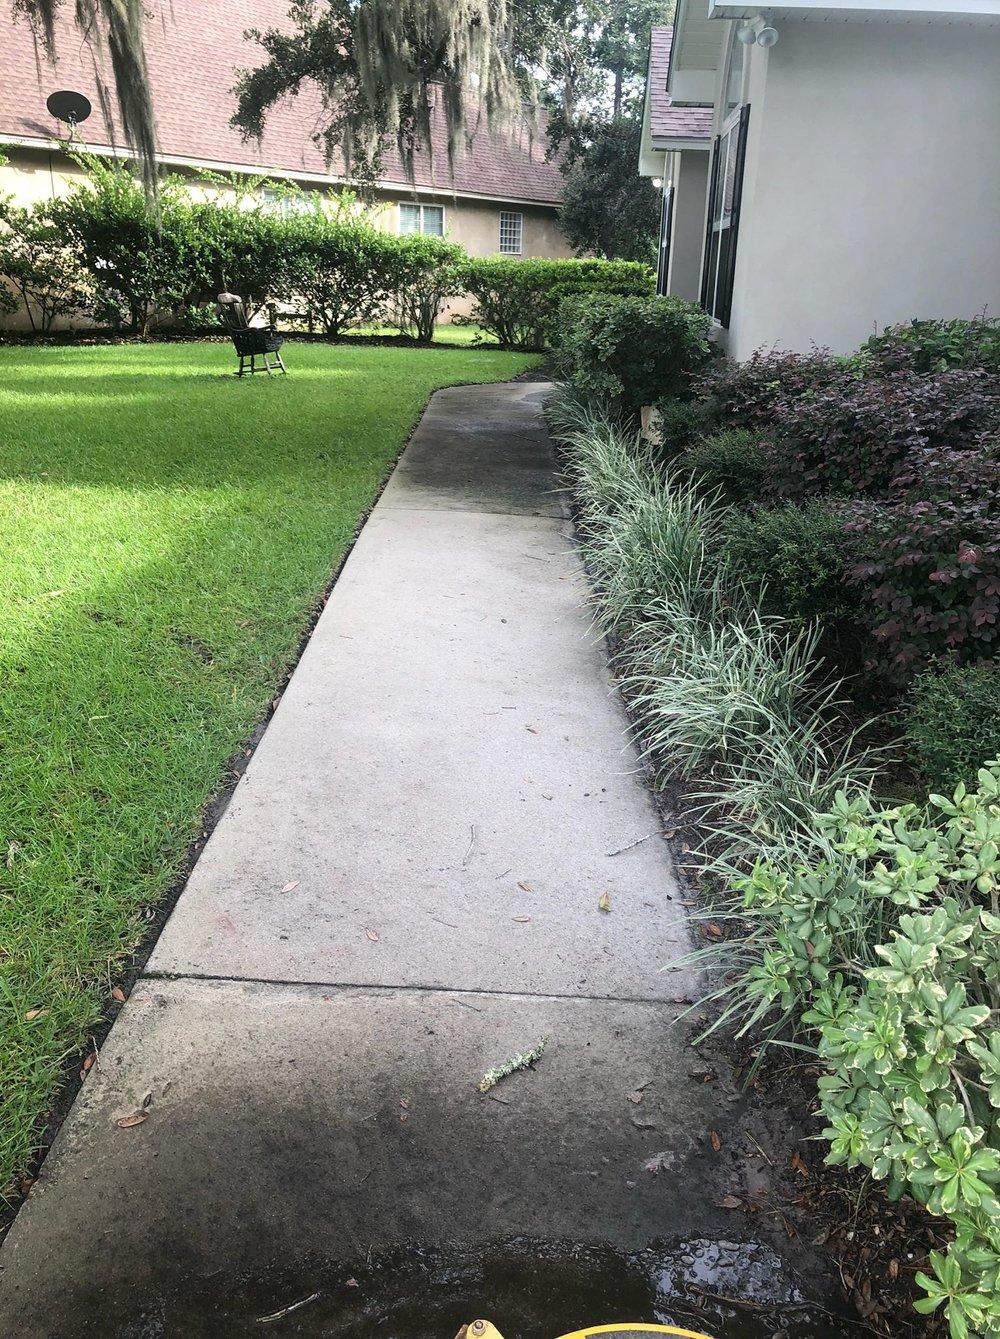 Dirty Sidewalks -